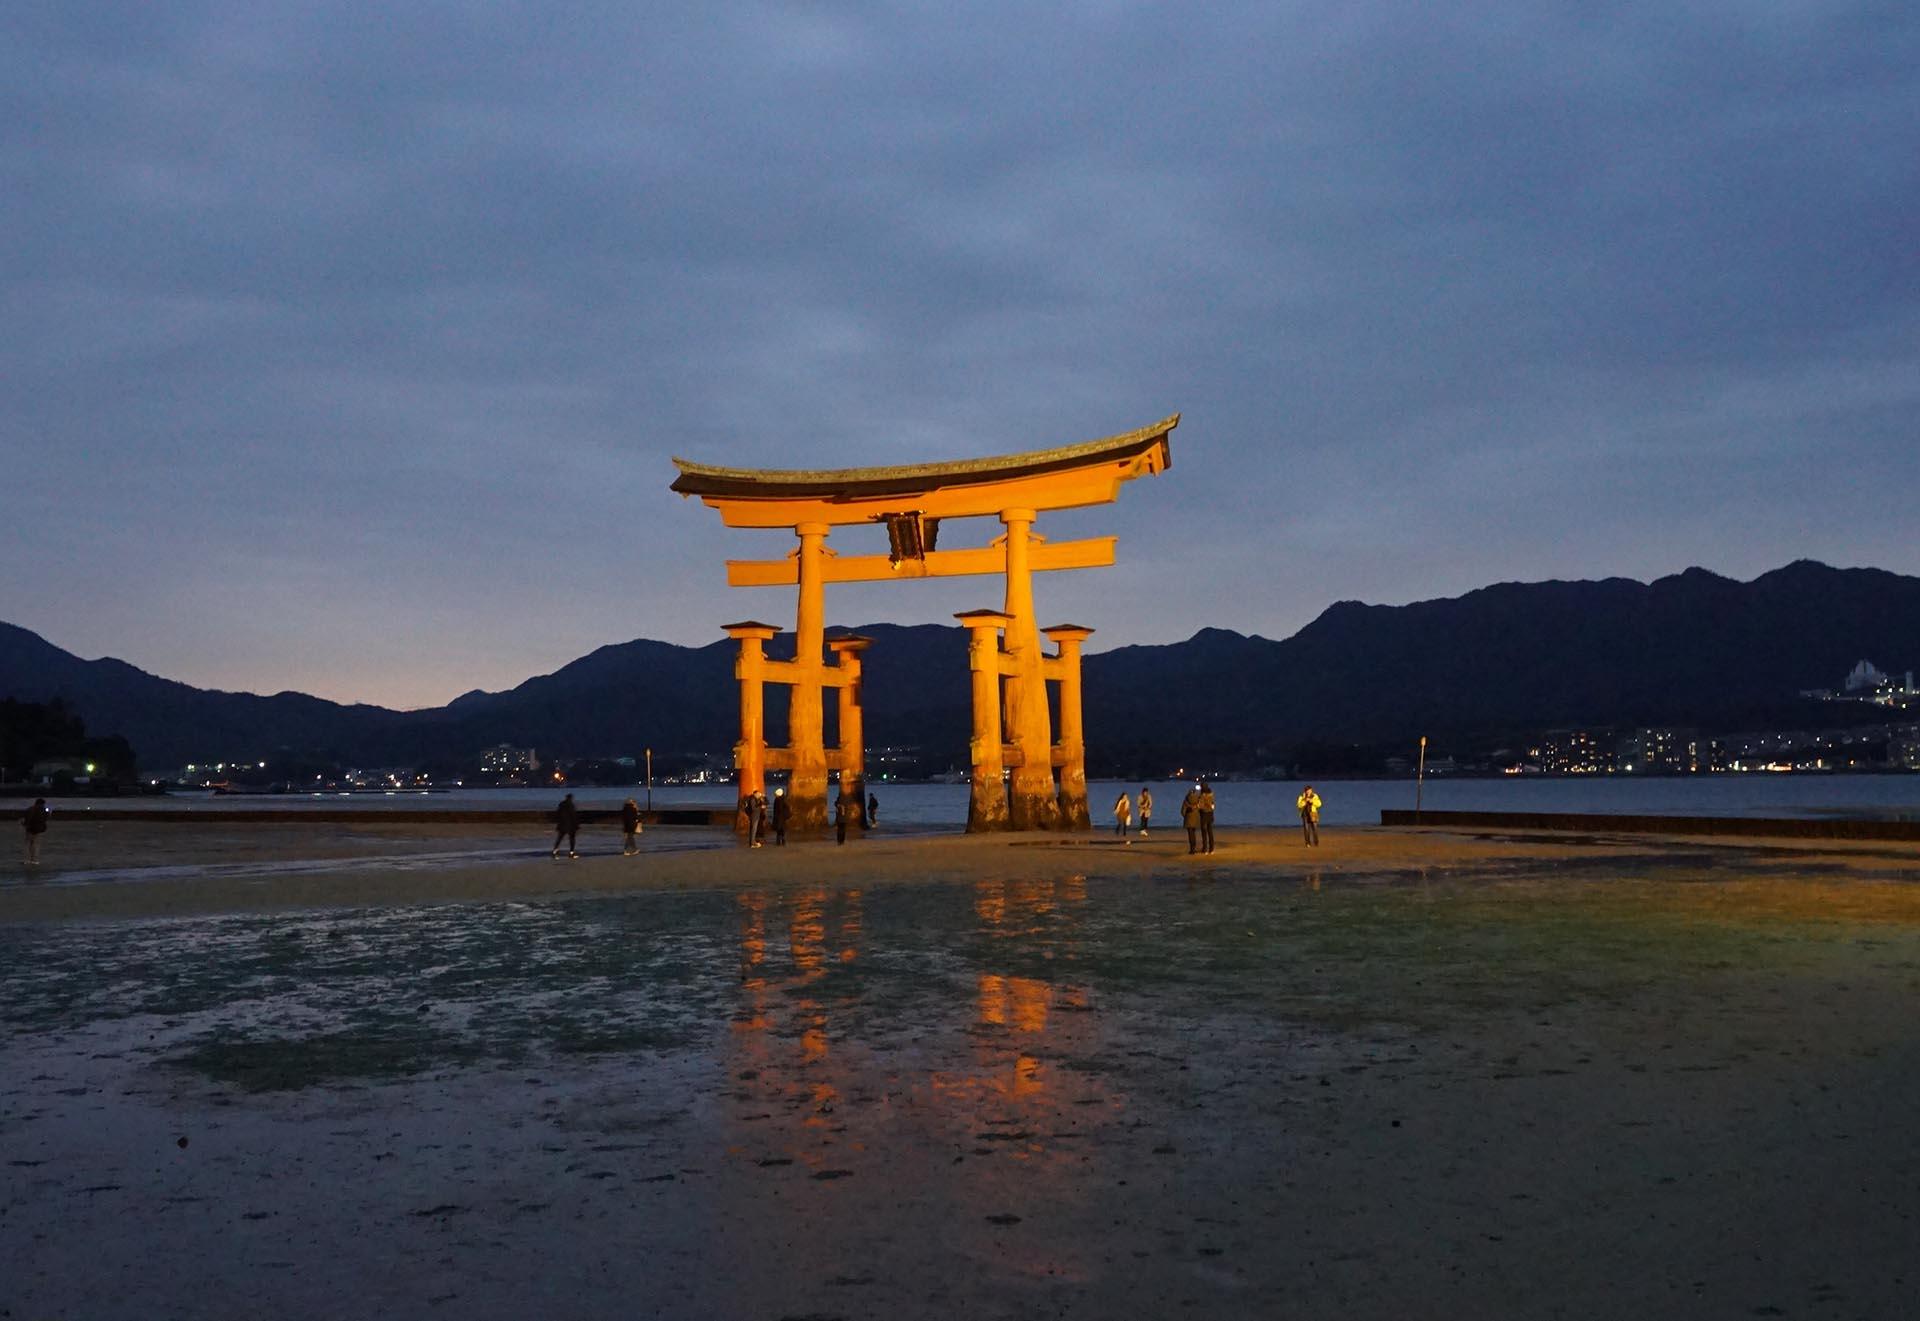 夜の厳島神社の大鳥居